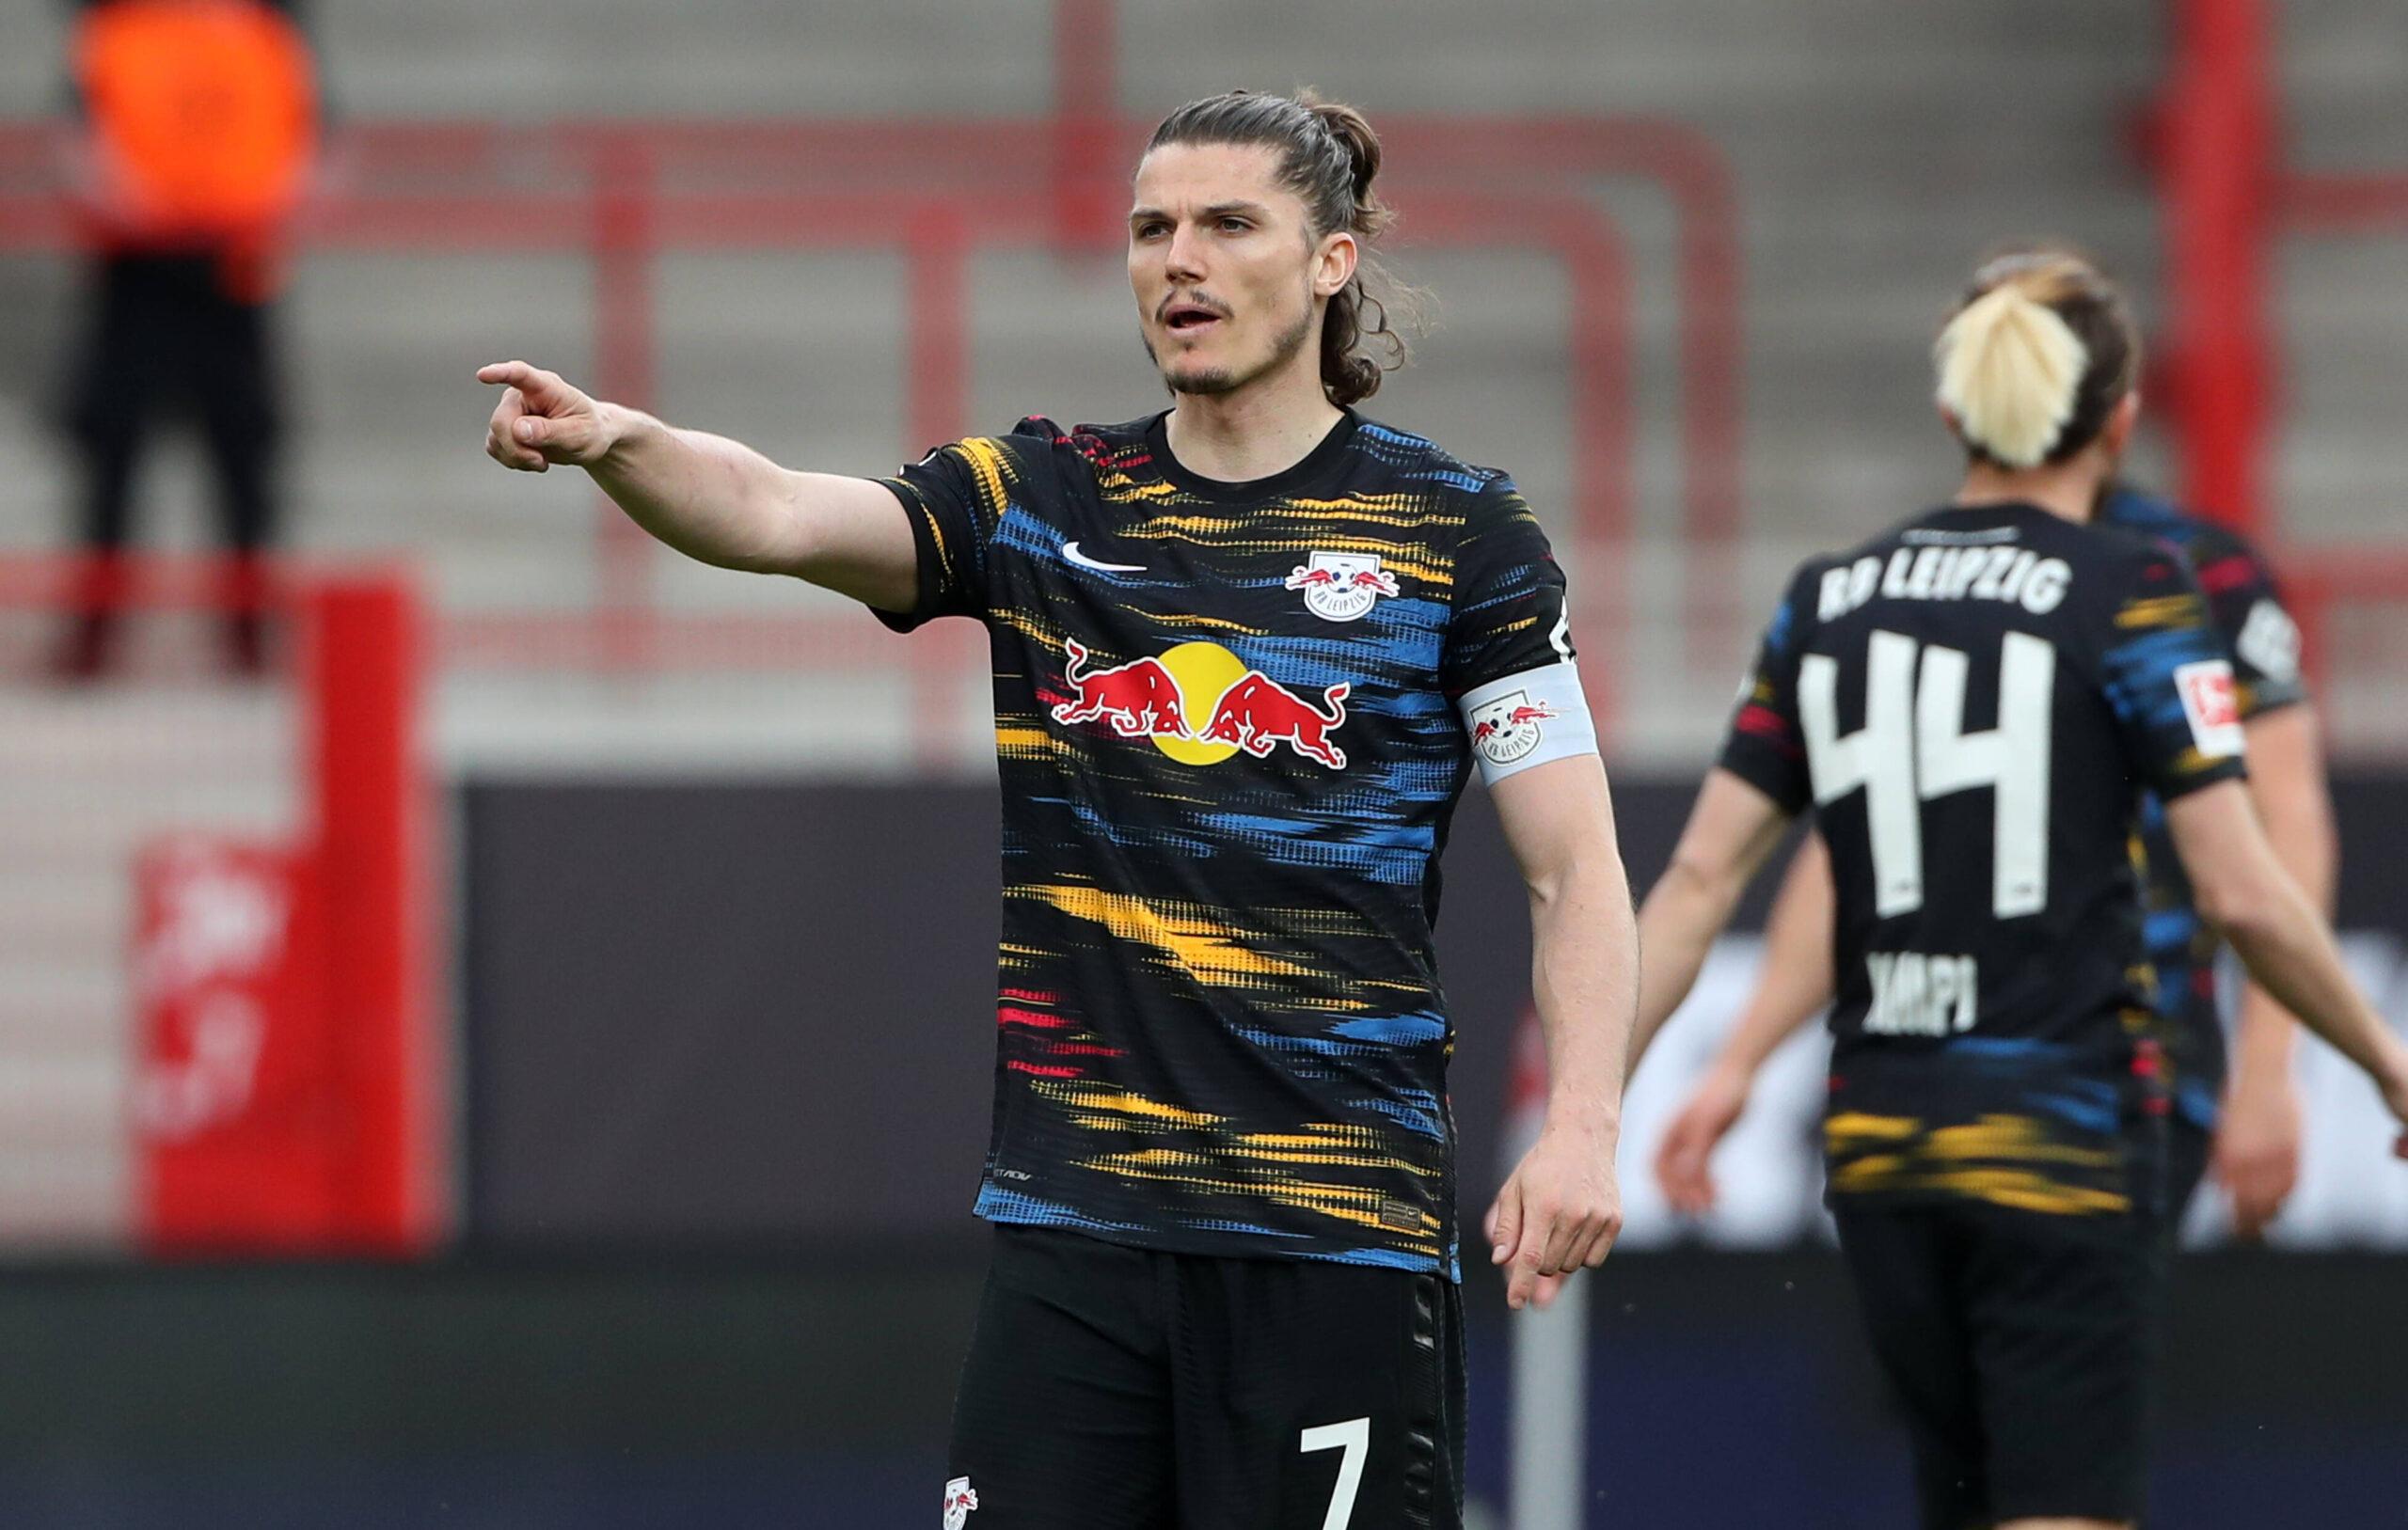 Sabitzer, la estrella de RB Leipzig y Austria pretendida por Borussia Dortmund. Foto: Imago